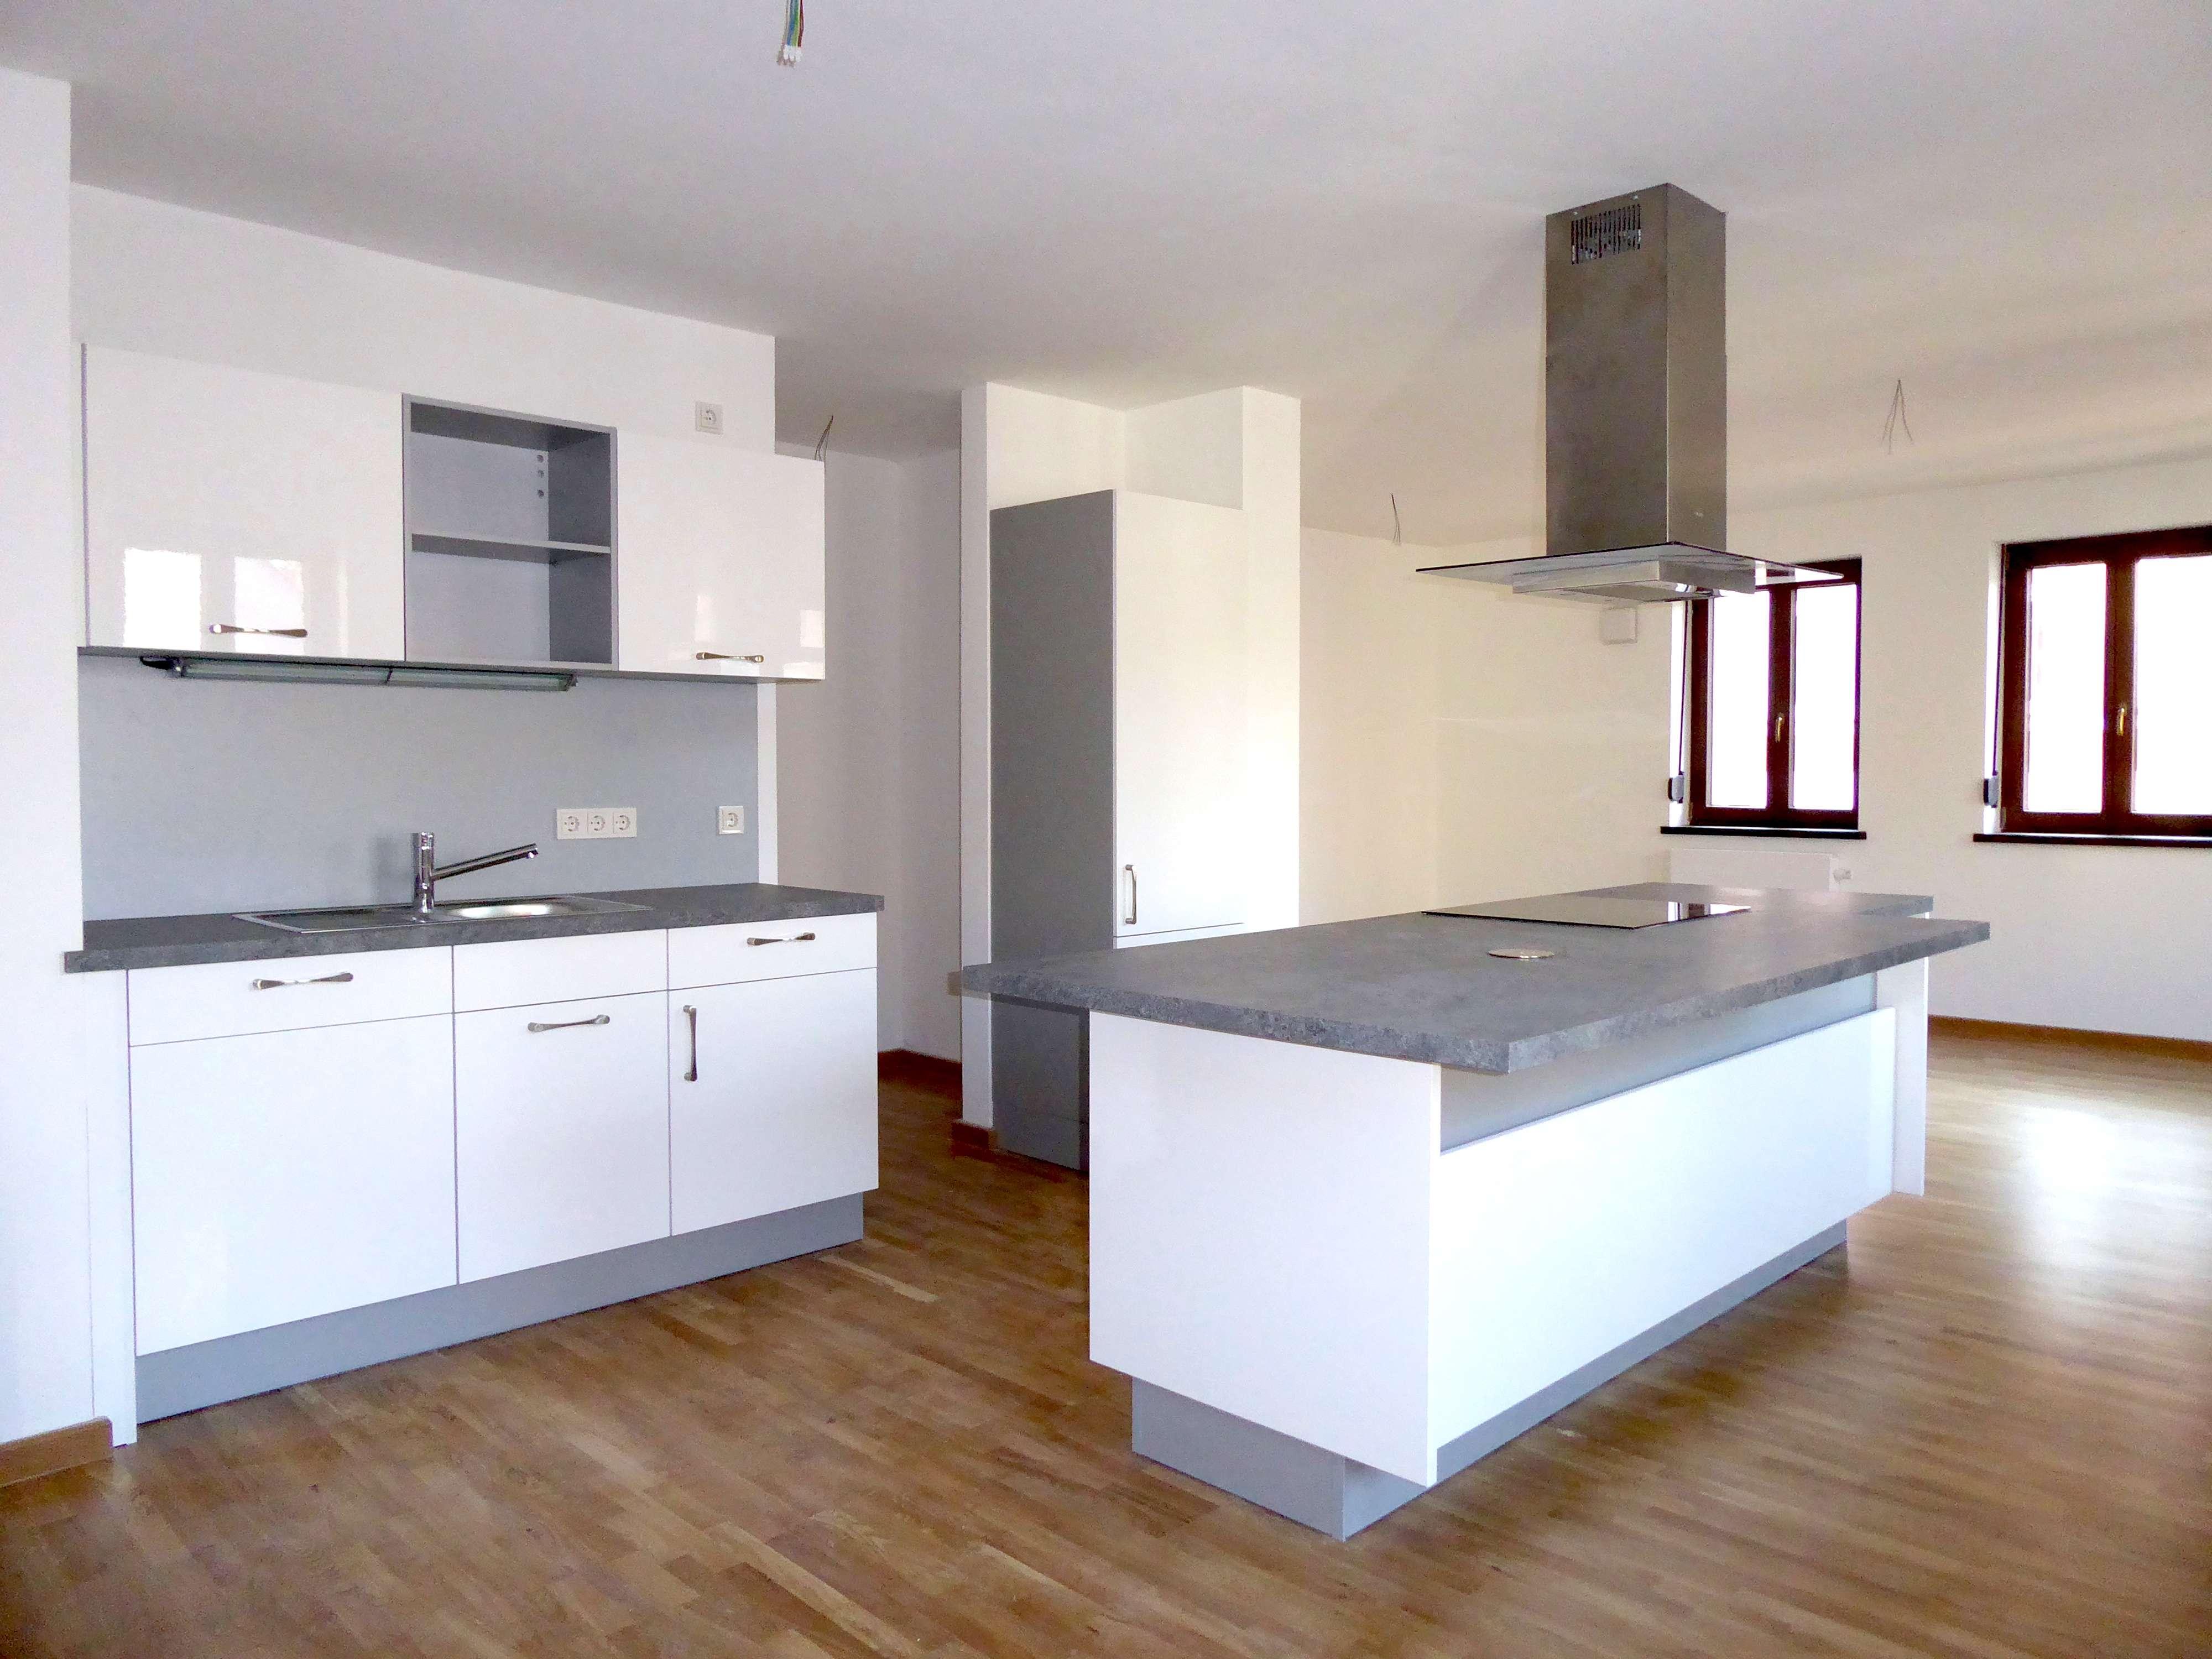 Erstbezug nach Sanierung - Hochwertige, geräumige 2-Zimmer-Wohnung in bester Altstadtlage